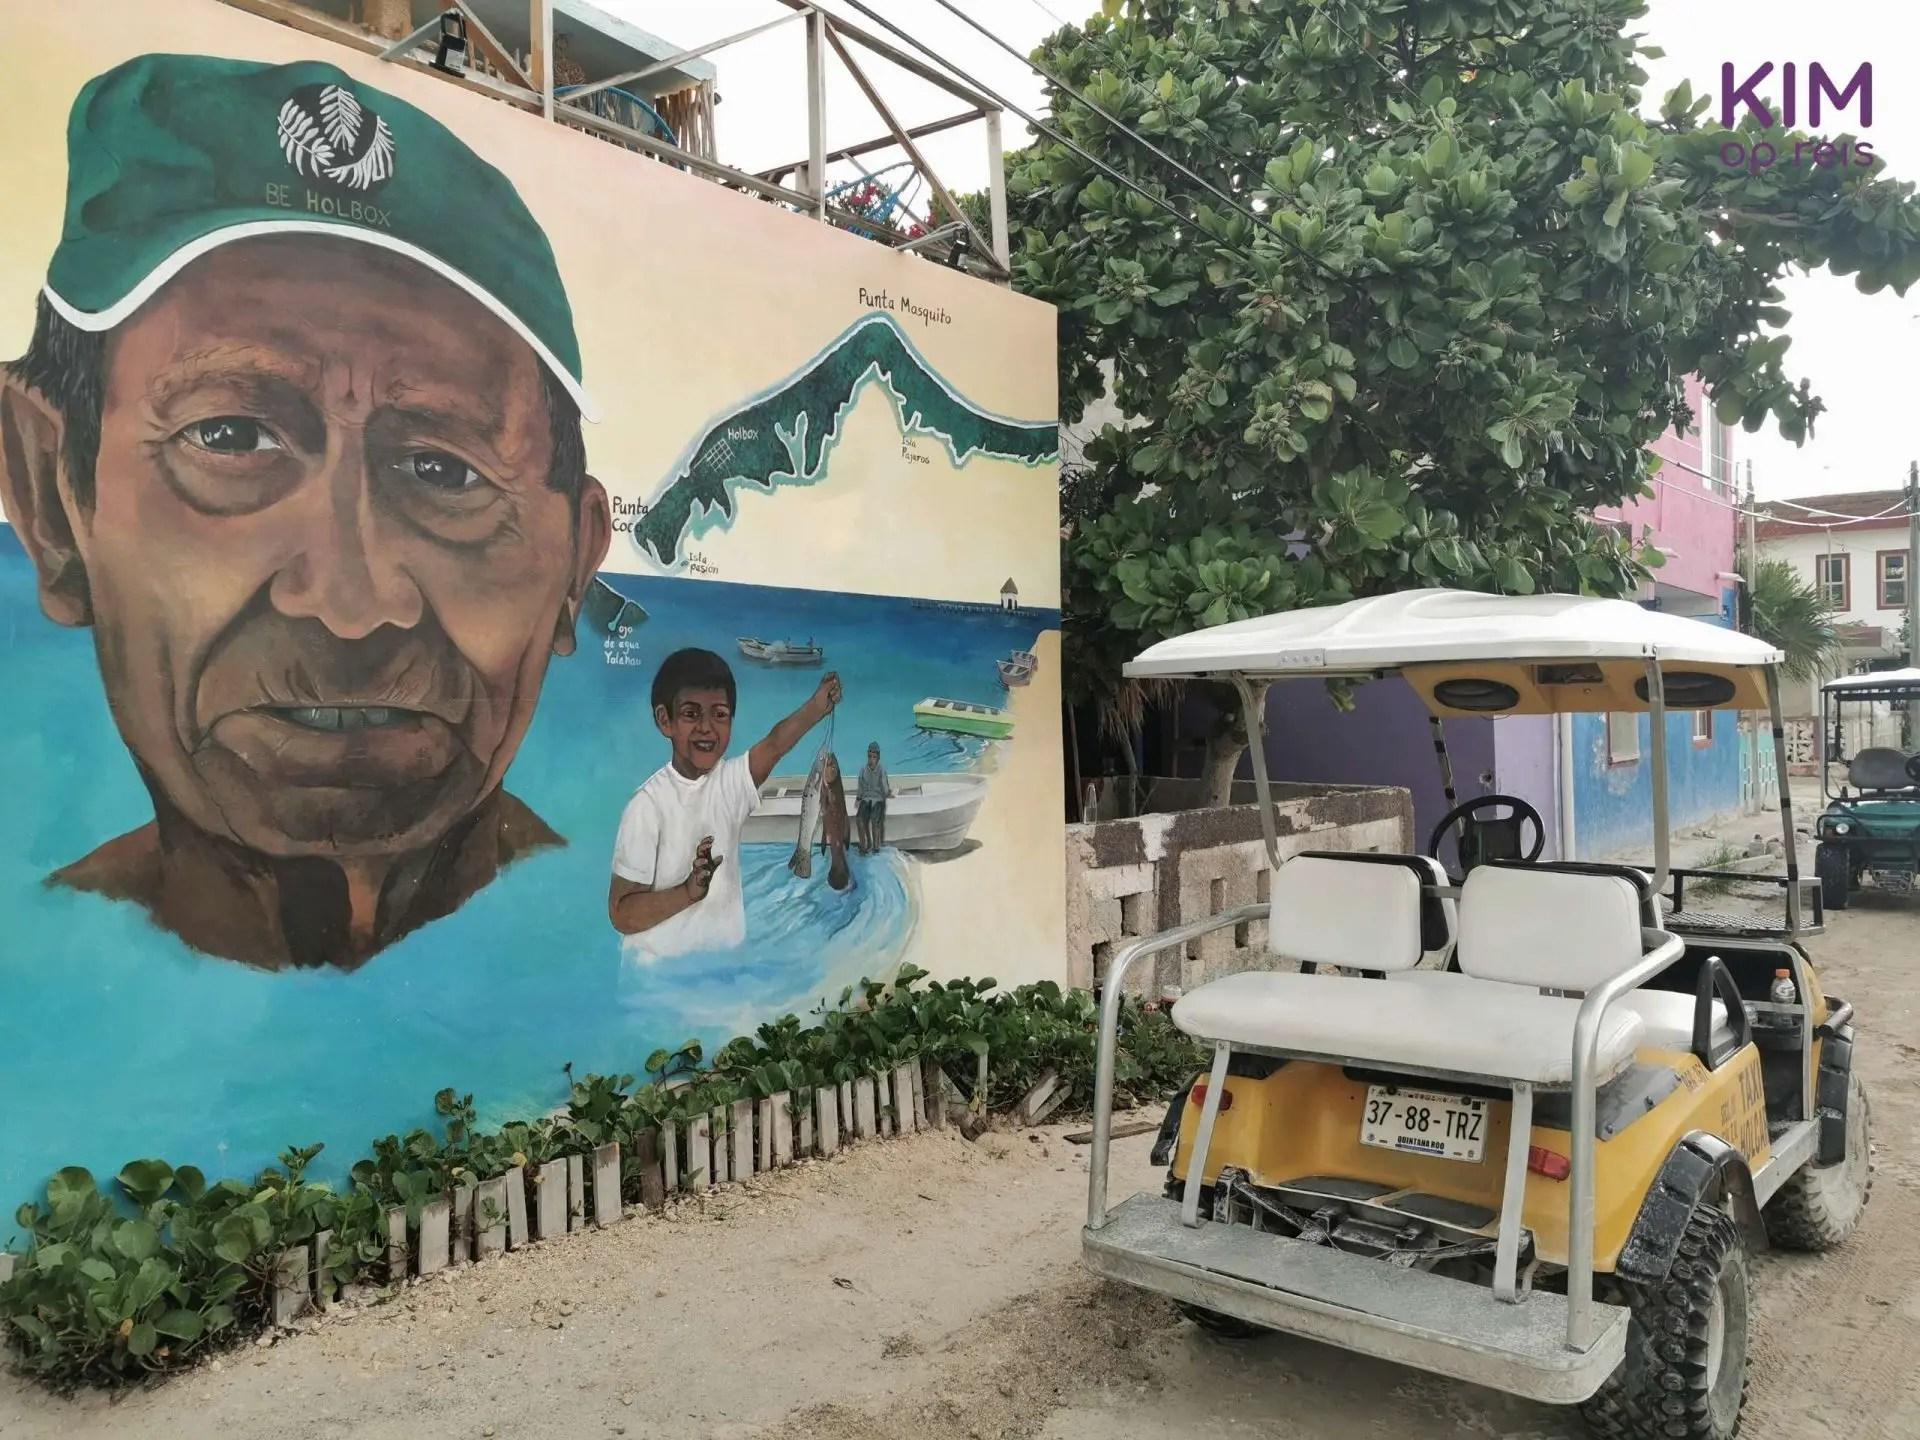 Isla Holbox golfkar streetart: een golfkarretje staat voor een muur met streetart